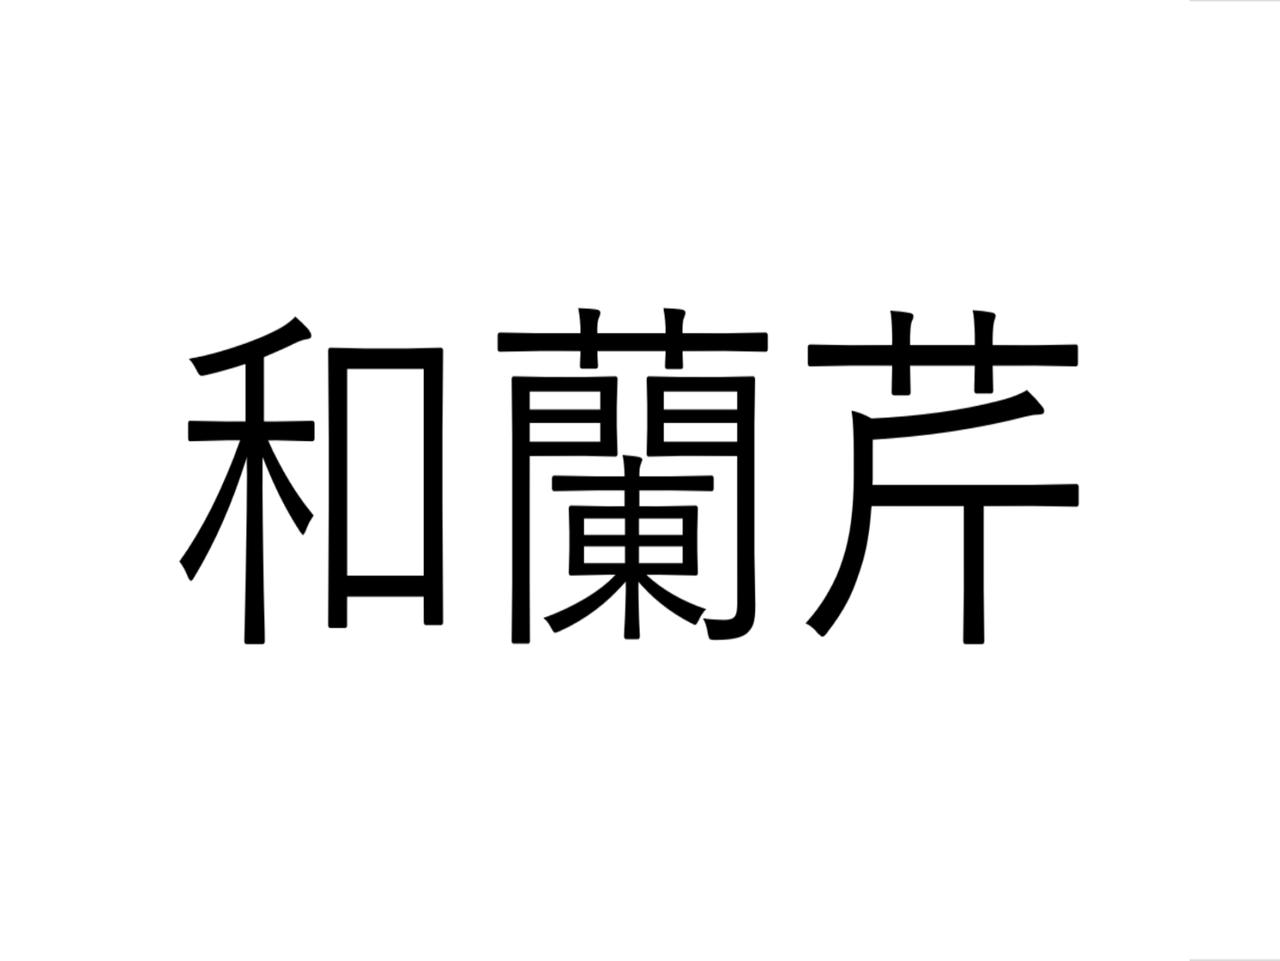 「和蘭芹」なんて読むの?長野県が産地の野菜です。